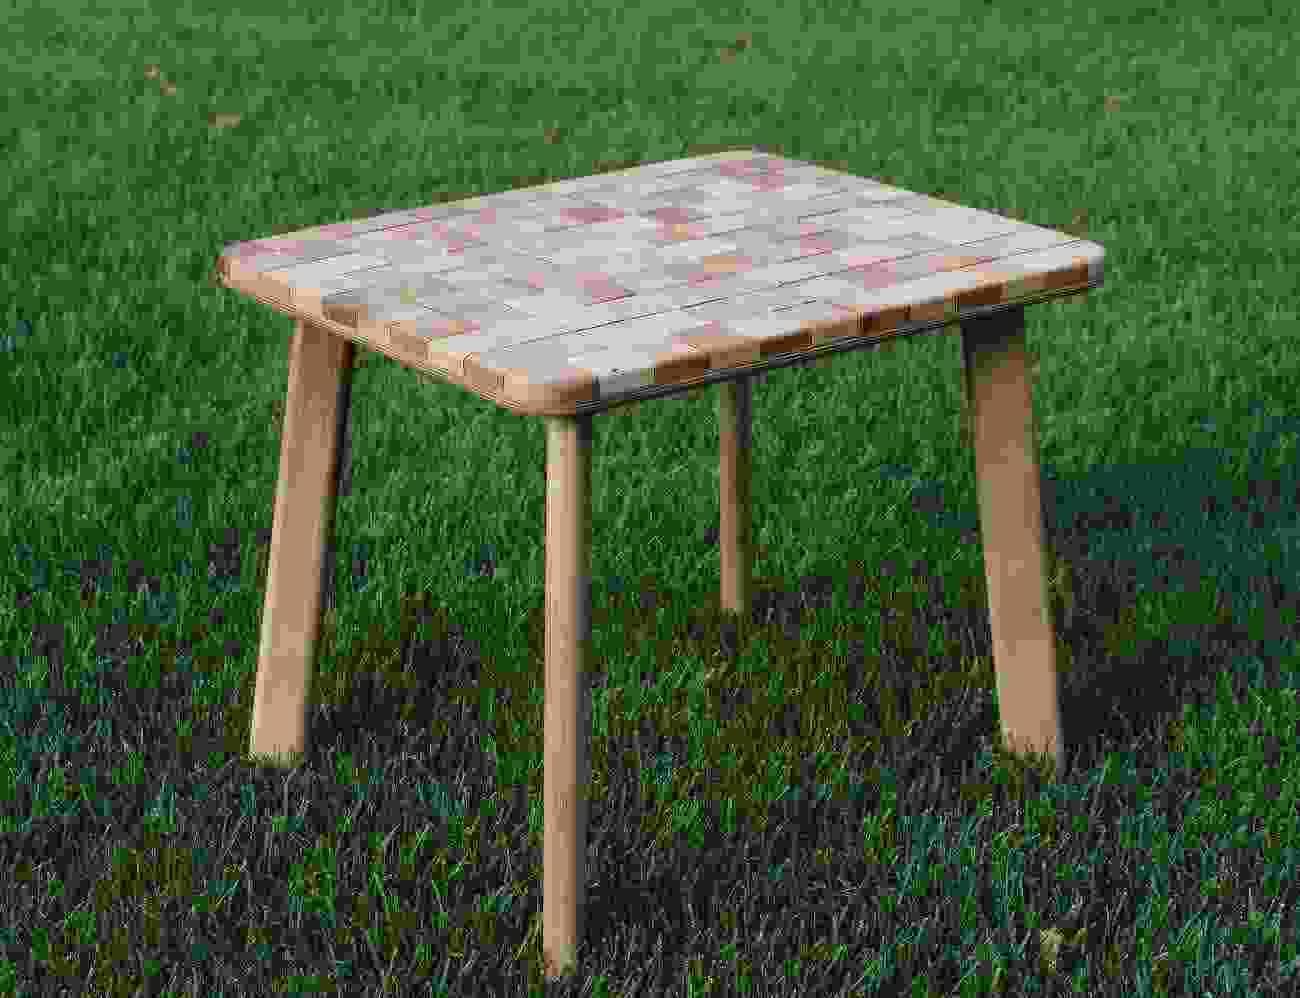 Al tavolo di quercia